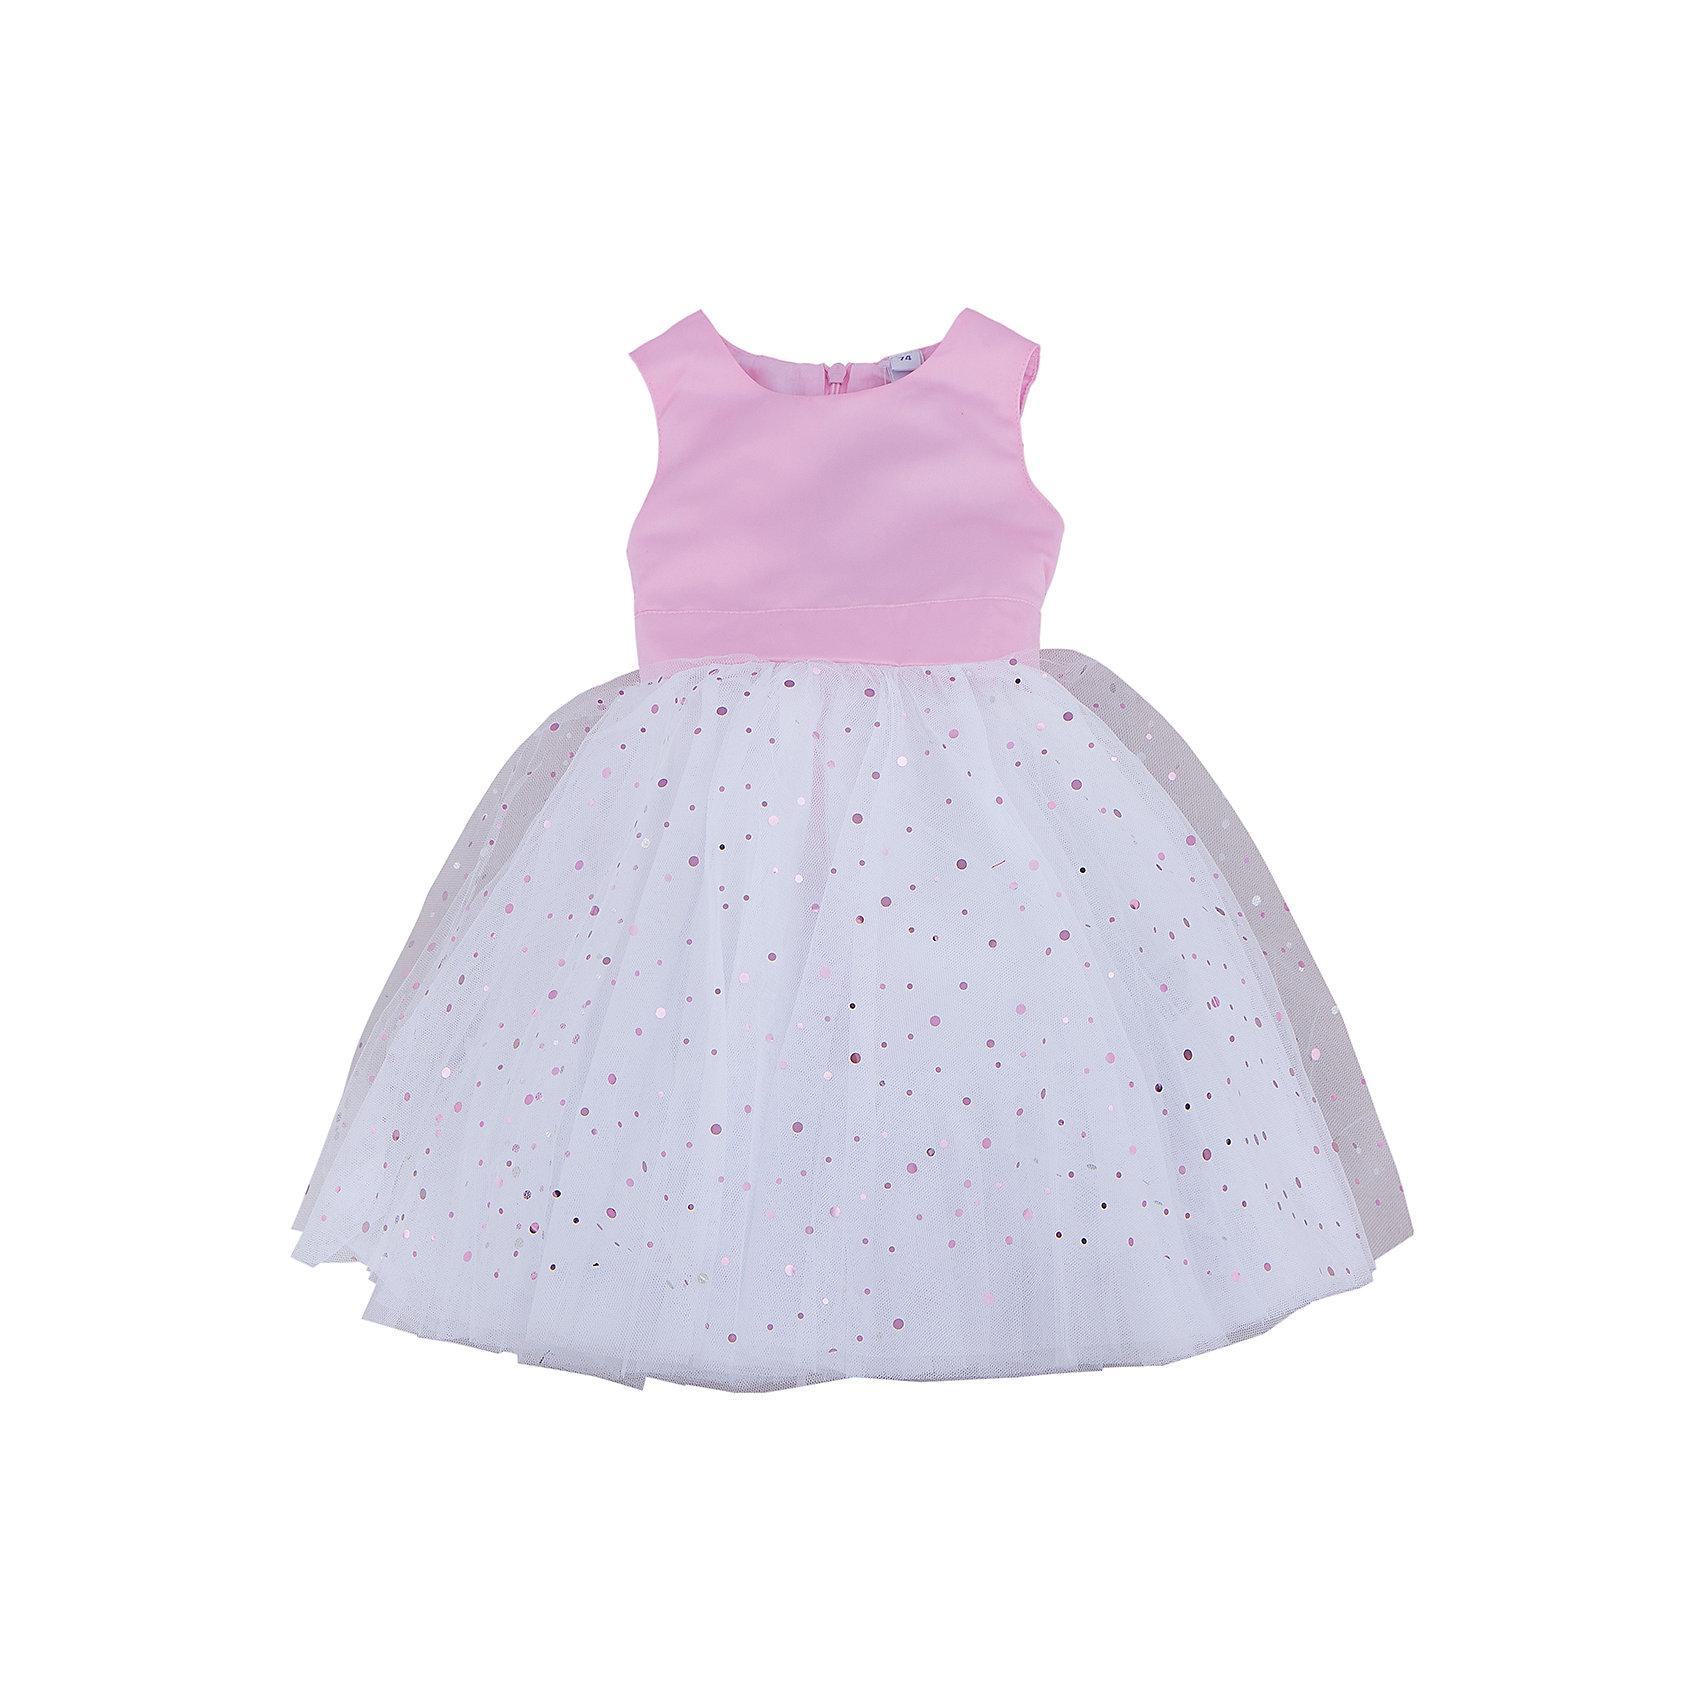 Нарядное платье для девочки PlayTodayПлатья<br>Характеристики:<br><br>• Вид одежды: платье<br>• Предназначение: праздничное платье<br>• Сезон: круглый год<br>• Материал: верх – 100% полиэстер, подкладка – 100% хлопок<br>• Цвет: розовый, белый<br>• Силуэт: А силуэт <br>• Длина платья: макси<br>• Рукав: без рукавов<br>• Вырез горловины: круглый<br>• Застежка: молния на спинке<br>• Особенности ухода: ручная стирка без применения отбеливающих средств, глажение при низкой температуре <br><br>PlayToday – это линейка детской одежды, которая предназначена как для повседневности, так и для праздников. Большинство моделей выполнены в классическом стиле, сочетающем в себе традиции с яркими стильными элементами и аксессуарами. Весь ассортимент одежды сочетается между собой по стилю и цветовому решению, поэтому Вам будет легко сформировать гардероб вашего ребенка, который отражает его индивидуальность. <br>Платье для девочки PlayToday с подкладкой выполнено из сочетания матового сатина розового цвета и пышной юбки из сетчатого материала. Наряд выполнен в А-силуэте, с круглой горловиной. Белая юбка декорирована россыпью пайеток разного размера и разного цвета. У платья предусмотрен широкий пояс розового цвета, который можно завязывать в пышный бант. Платье легко надевать и снимать, сзади предусмотрена застежка-молния. Платье для девочки PlayToday – это стиль, качество и элегантность!<br><br>Платье для девочки PlayToday можно купить в нашем интернет-магазине.<br><br>Ширина мм: 236<br>Глубина мм: 16<br>Высота мм: 184<br>Вес г: 177<br>Цвет: розовый<br>Возраст от месяцев: 18<br>Возраст до месяцев: 24<br>Пол: Женский<br>Возраст: Детский<br>Размер: 92,86,74,80<br>SKU: 5059406